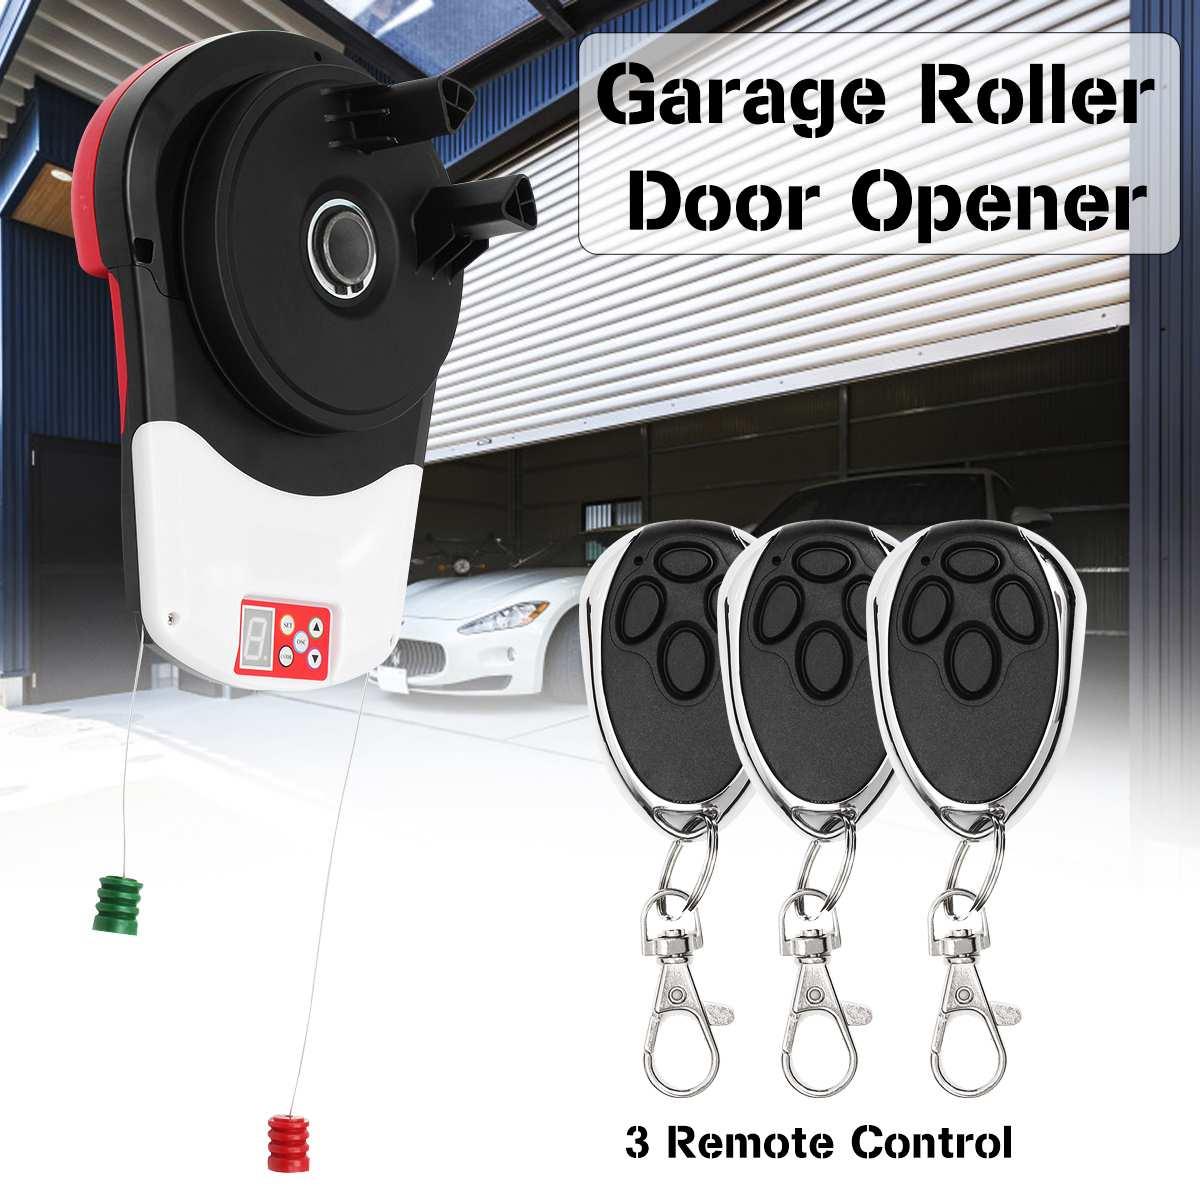 110V 600N Garage Roller Door Auto Opener Motor with 3 Remote Control Electric Operator for Rolling Gate Automatic Door Operators|Garage Door Hardware| |  - title=